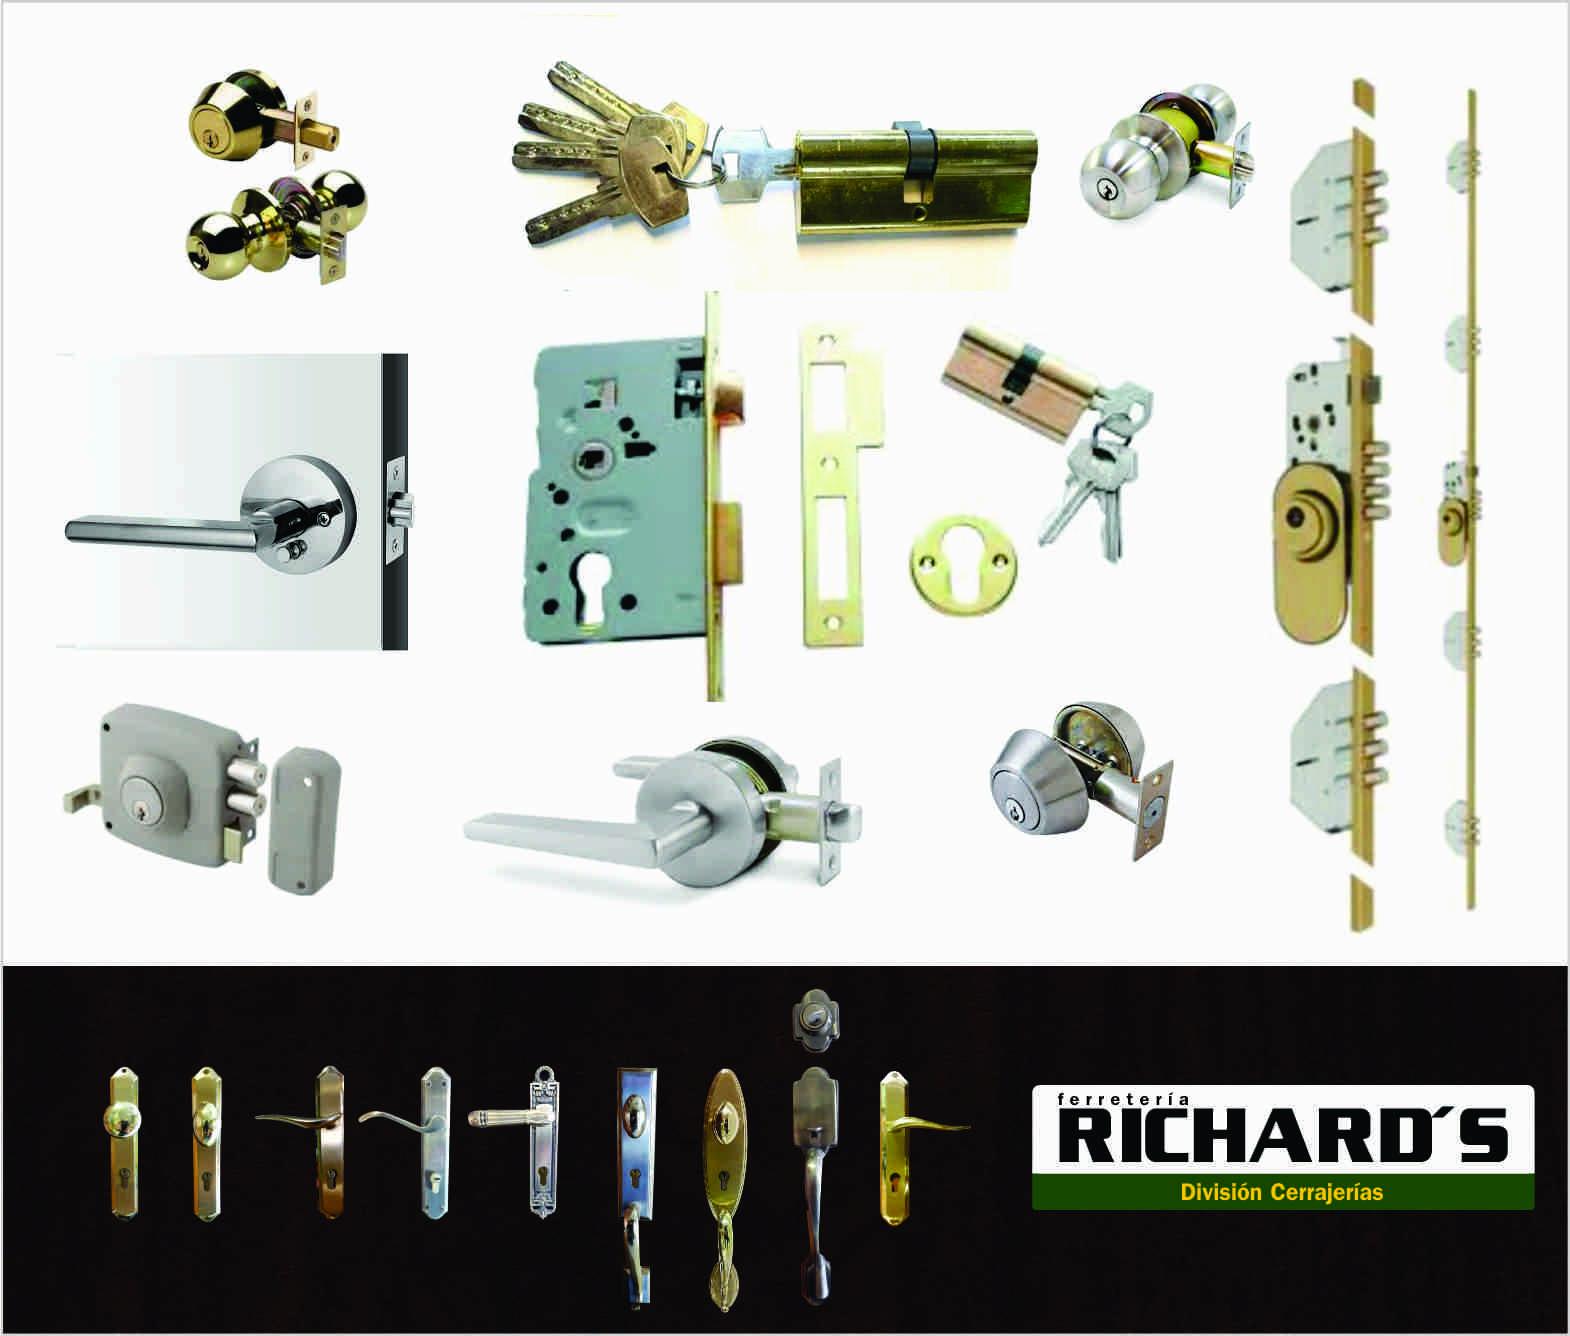 Tipos de cerraduras para puertas ferreter a richard s - Tipos de cerraduras ...